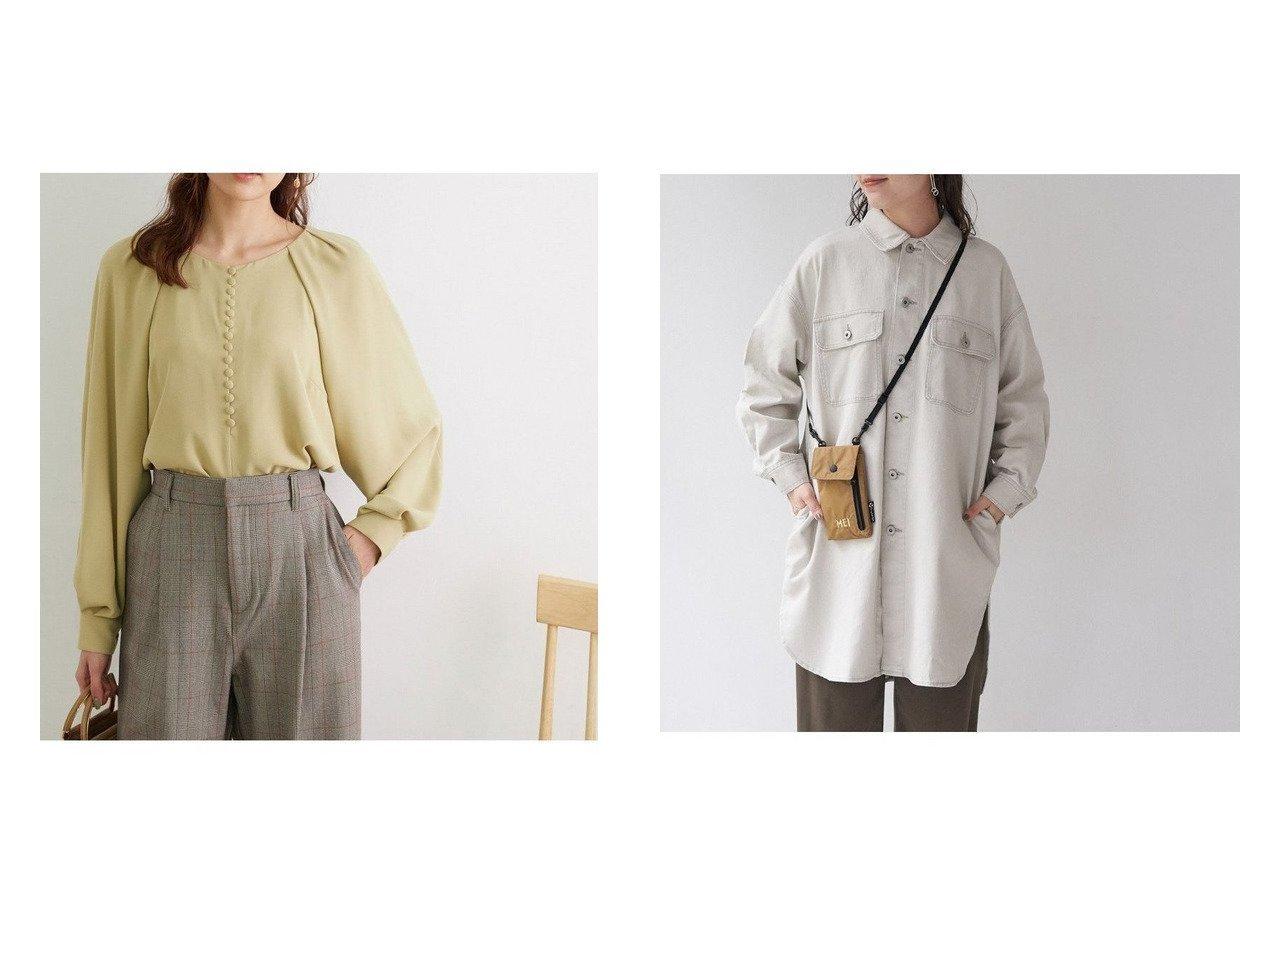 【ROPE' PICNIC/ロペピクニック】のくるみ釦タックスリーブブラウス&カラーデニムシャツジャケット ロペピクニックのおすすめ!人気、トレンド・レディースファッションの通販  おすすめで人気の流行・トレンド、ファッションの通販商品 メンズファッション・キッズファッション・インテリア・家具・レディースファッション・服の通販 founy(ファニー) https://founy.com/ ファッション Fashion レディースファッション WOMEN アウター Coat Outerwear コート Coats ジャケット Jackets デニムジャケット Denim Jackets トップス カットソー Tops Tshirt シャツ/ブラウス Shirts Blouses おすすめ Recommend ジャケット スリット デニム ポケット リラックス ロング 春 Spring NEW・新作・新着・新入荷 New Arrivals エレガント クラシカル フォーマル フロント ボトム 秋 Autumn/Fall |ID:crp329100000021024